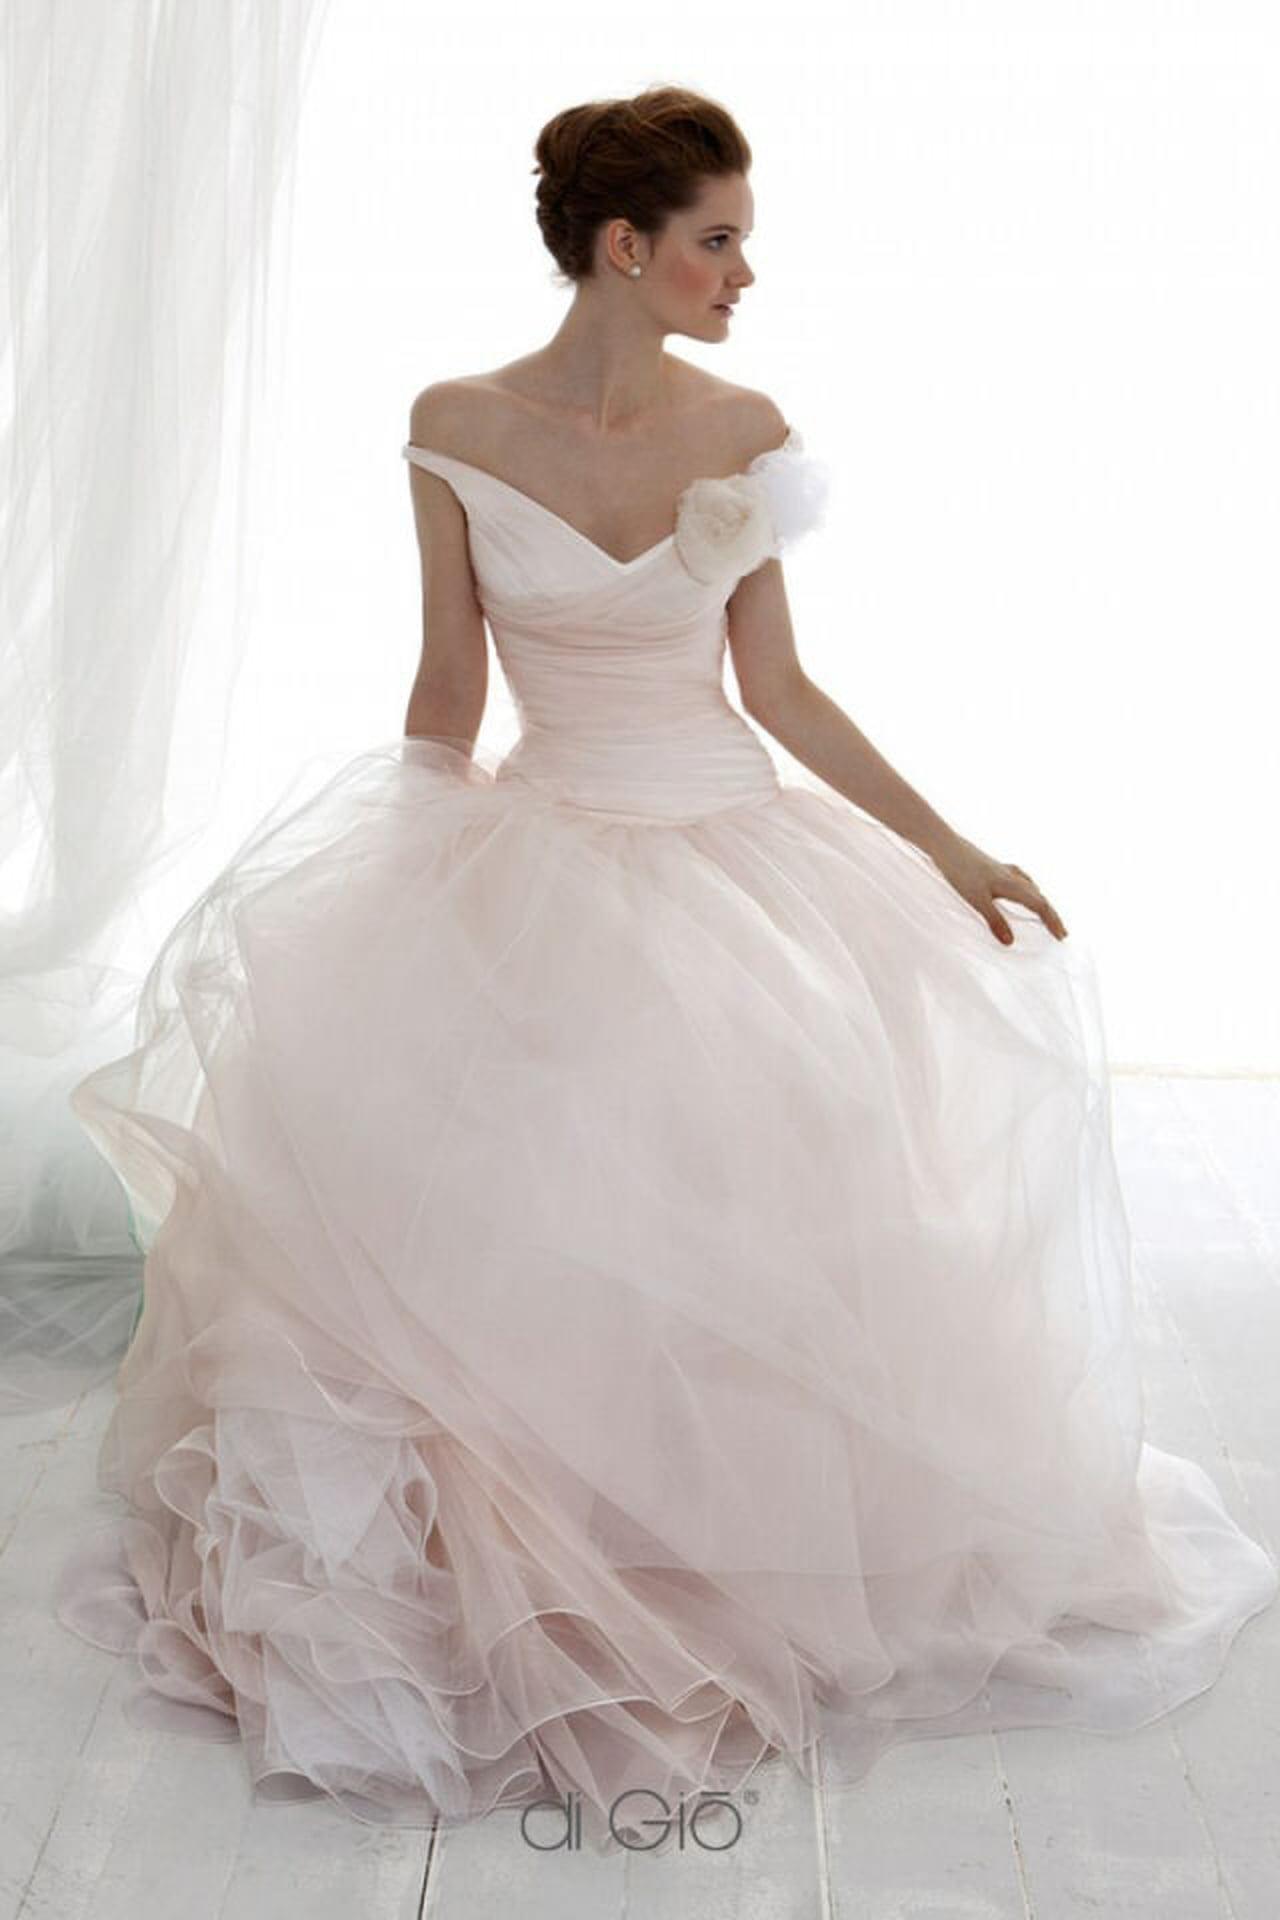 Vestiti Da Sposa Le Spose Di Gio.Le Spose Di Gio Gli Abiti Piu Belli Magazine Delle Donne